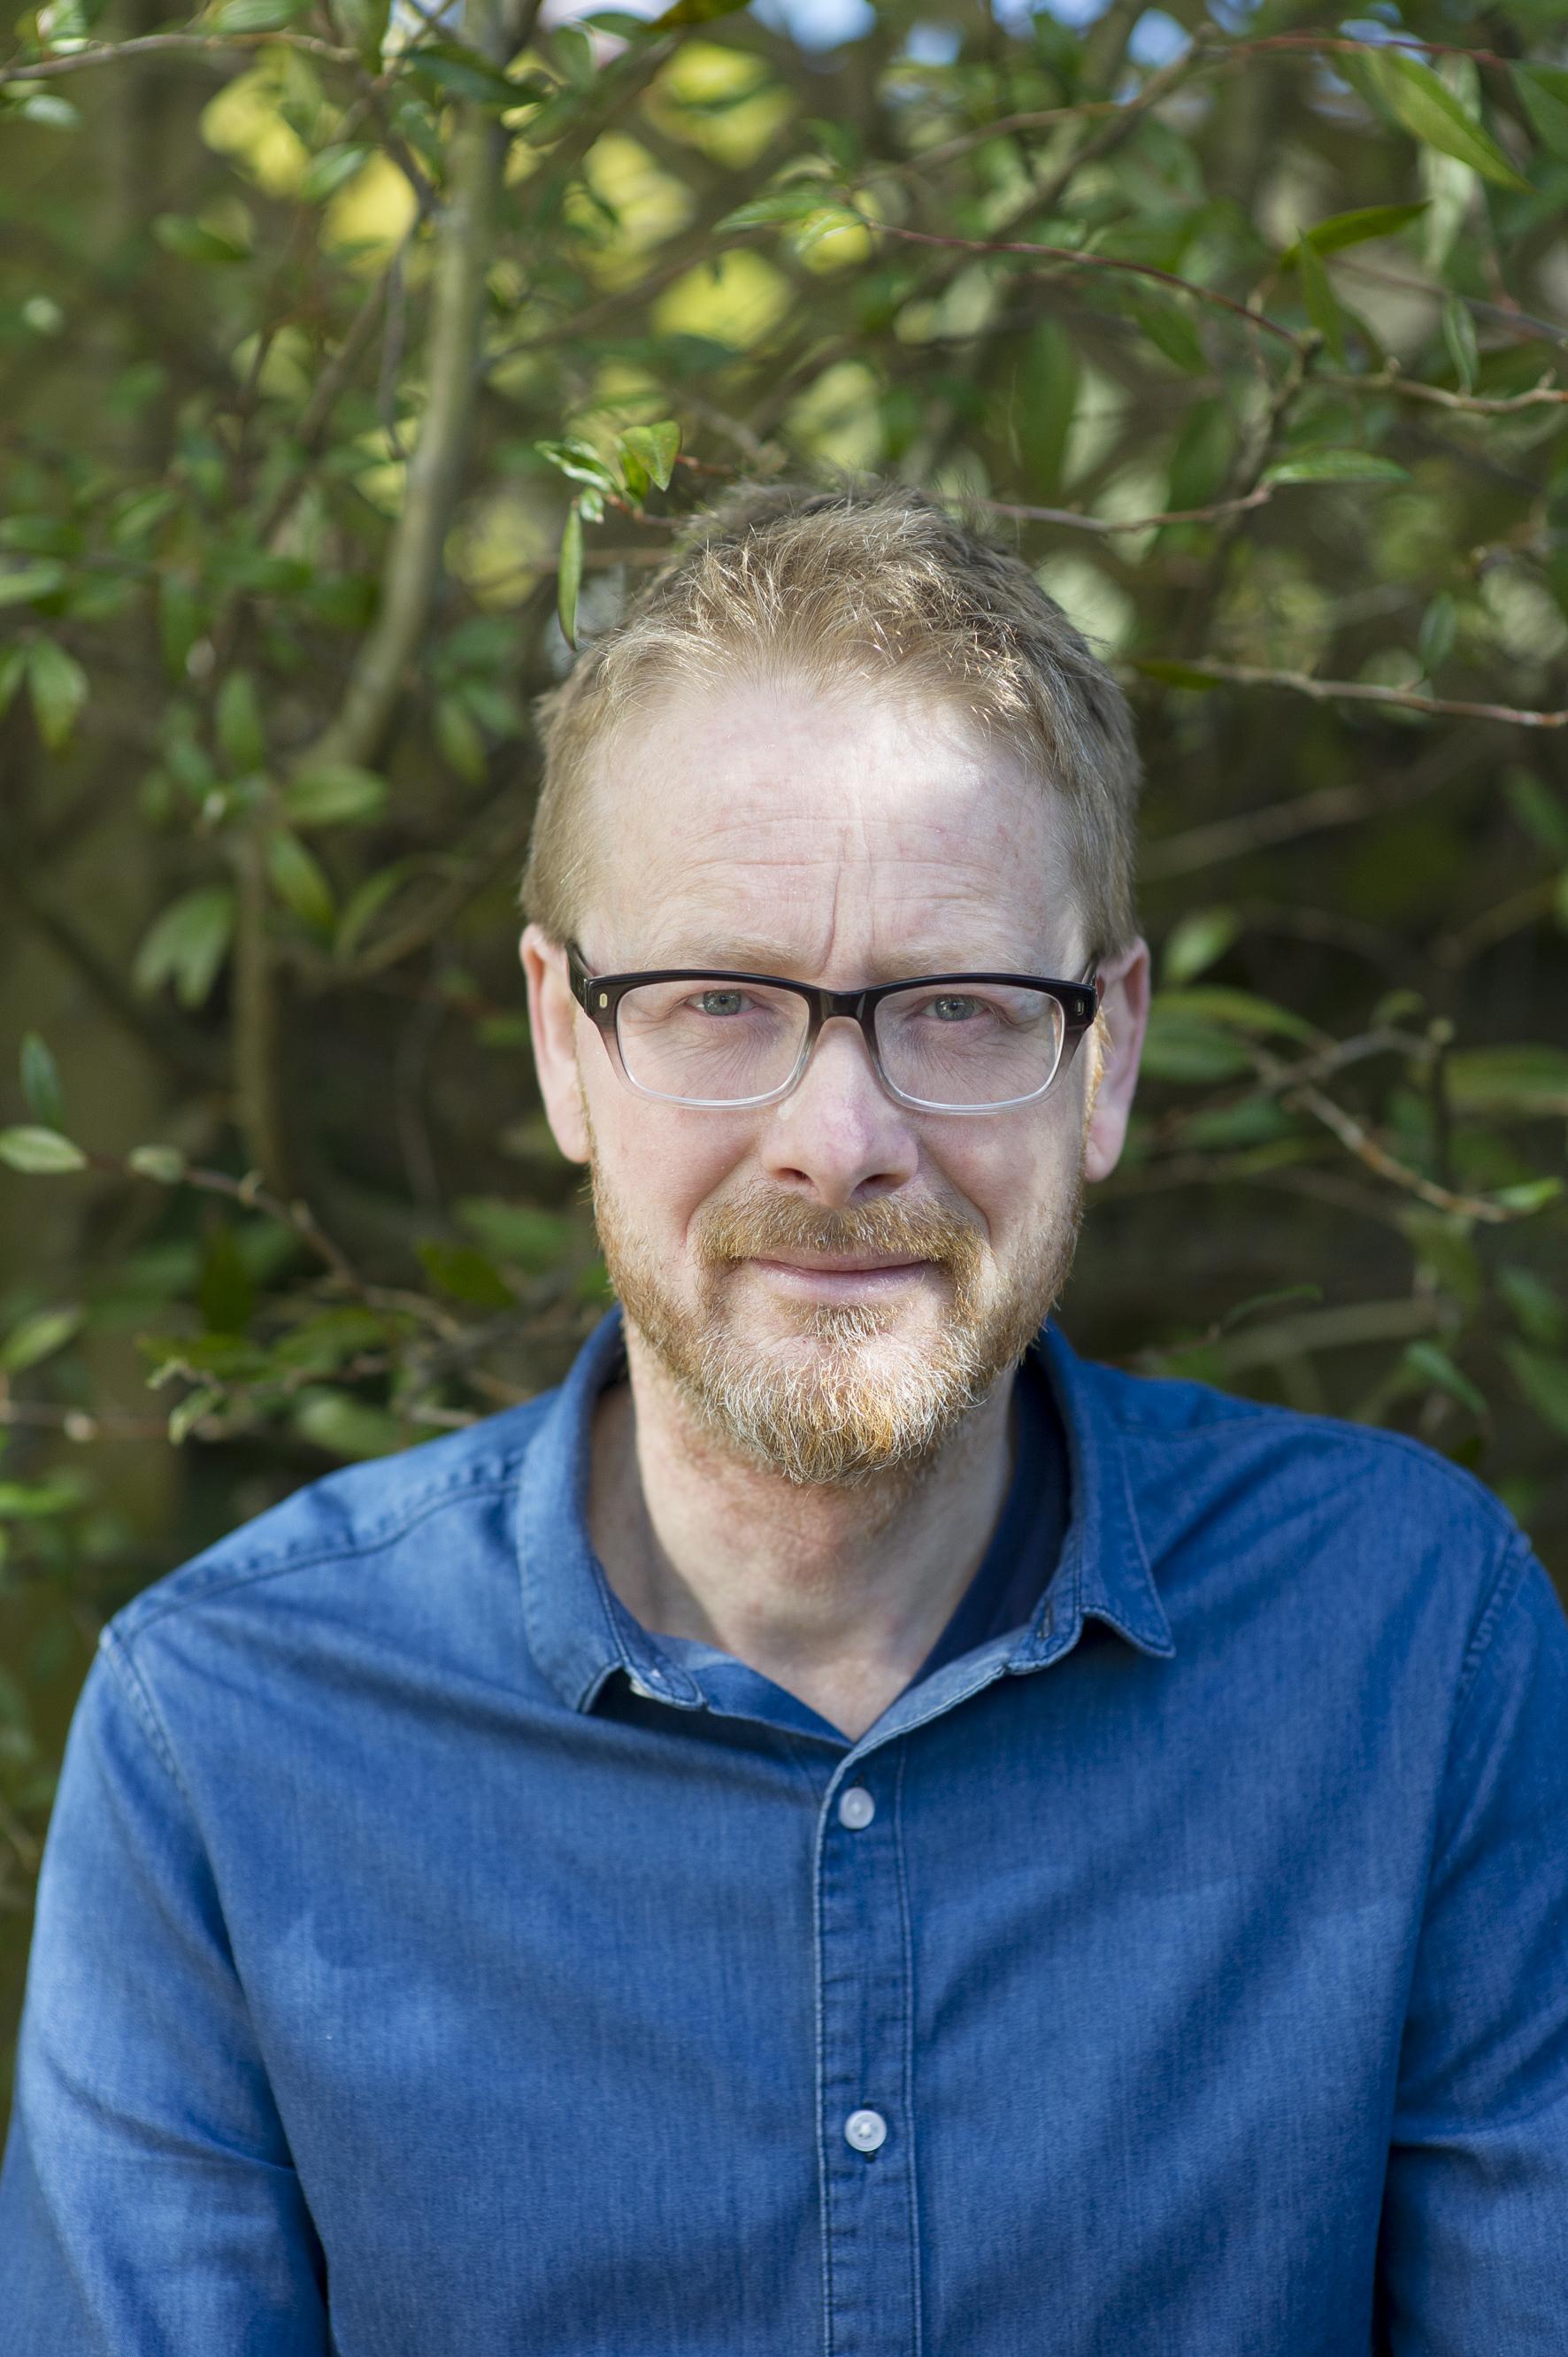 Mark Diacono